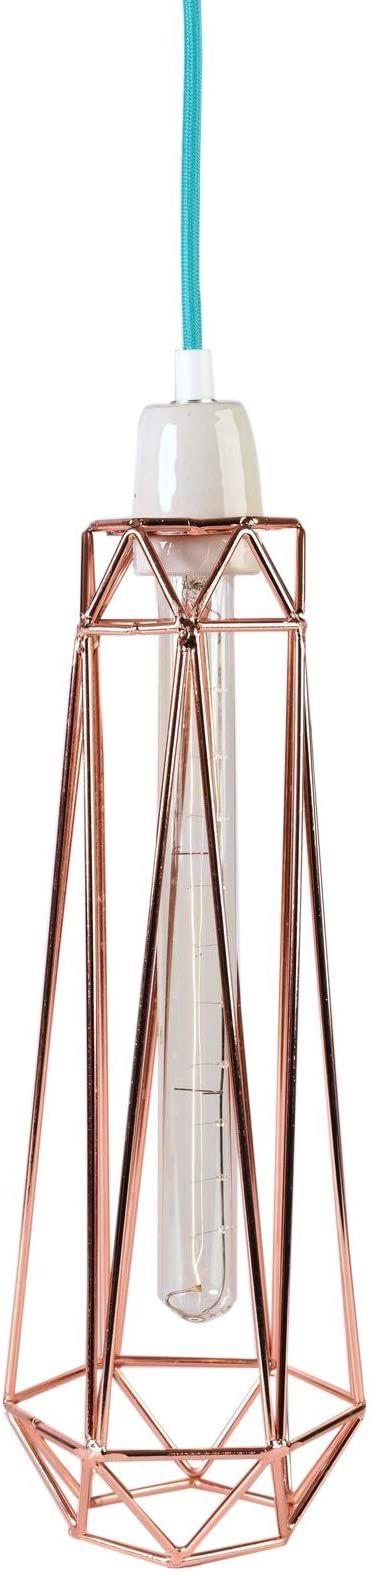 Filament Style Filament 008P francuska lampa retro Loft Diamond #2 z kablem tekstylnym w kolorze niebieskim metal E27, 43 x 12 cm, brąz